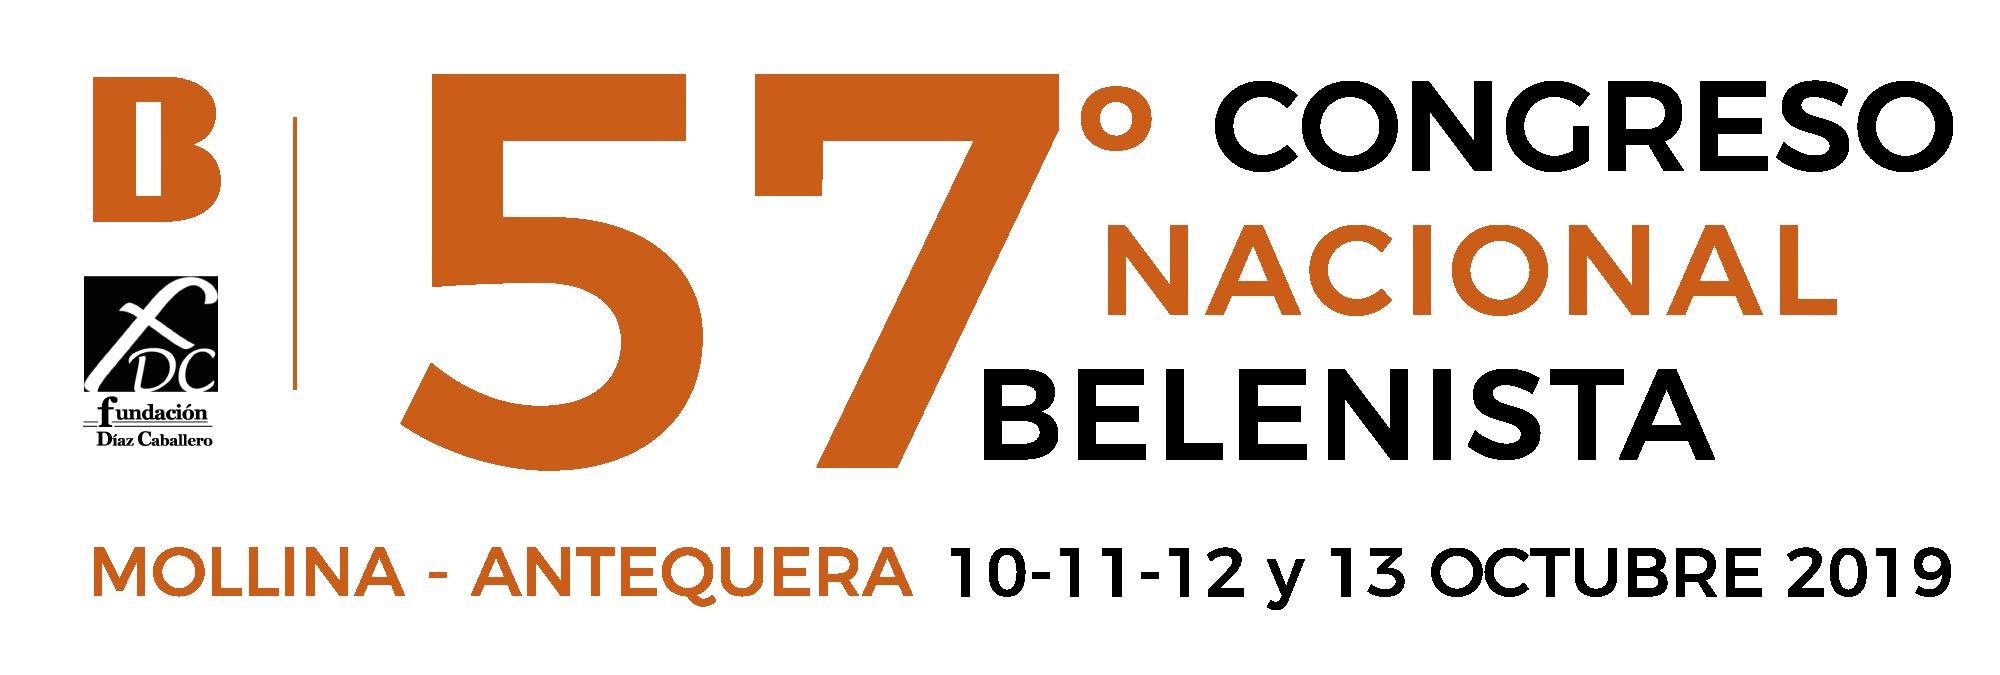 57 Congreso Nacional Belenista